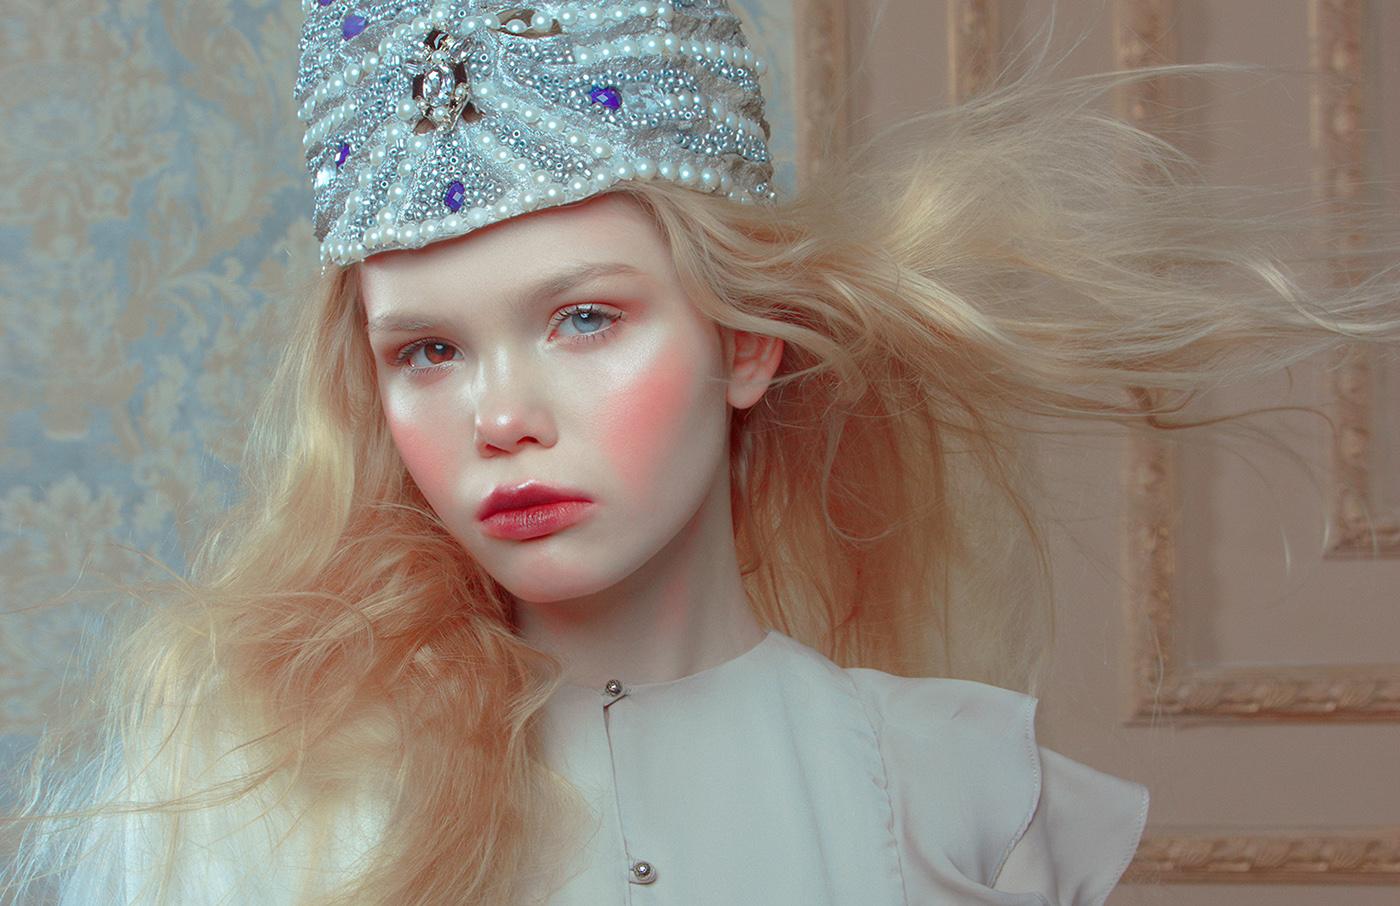 Dollhouse - Ellements, photography by Ilona D. Veresk